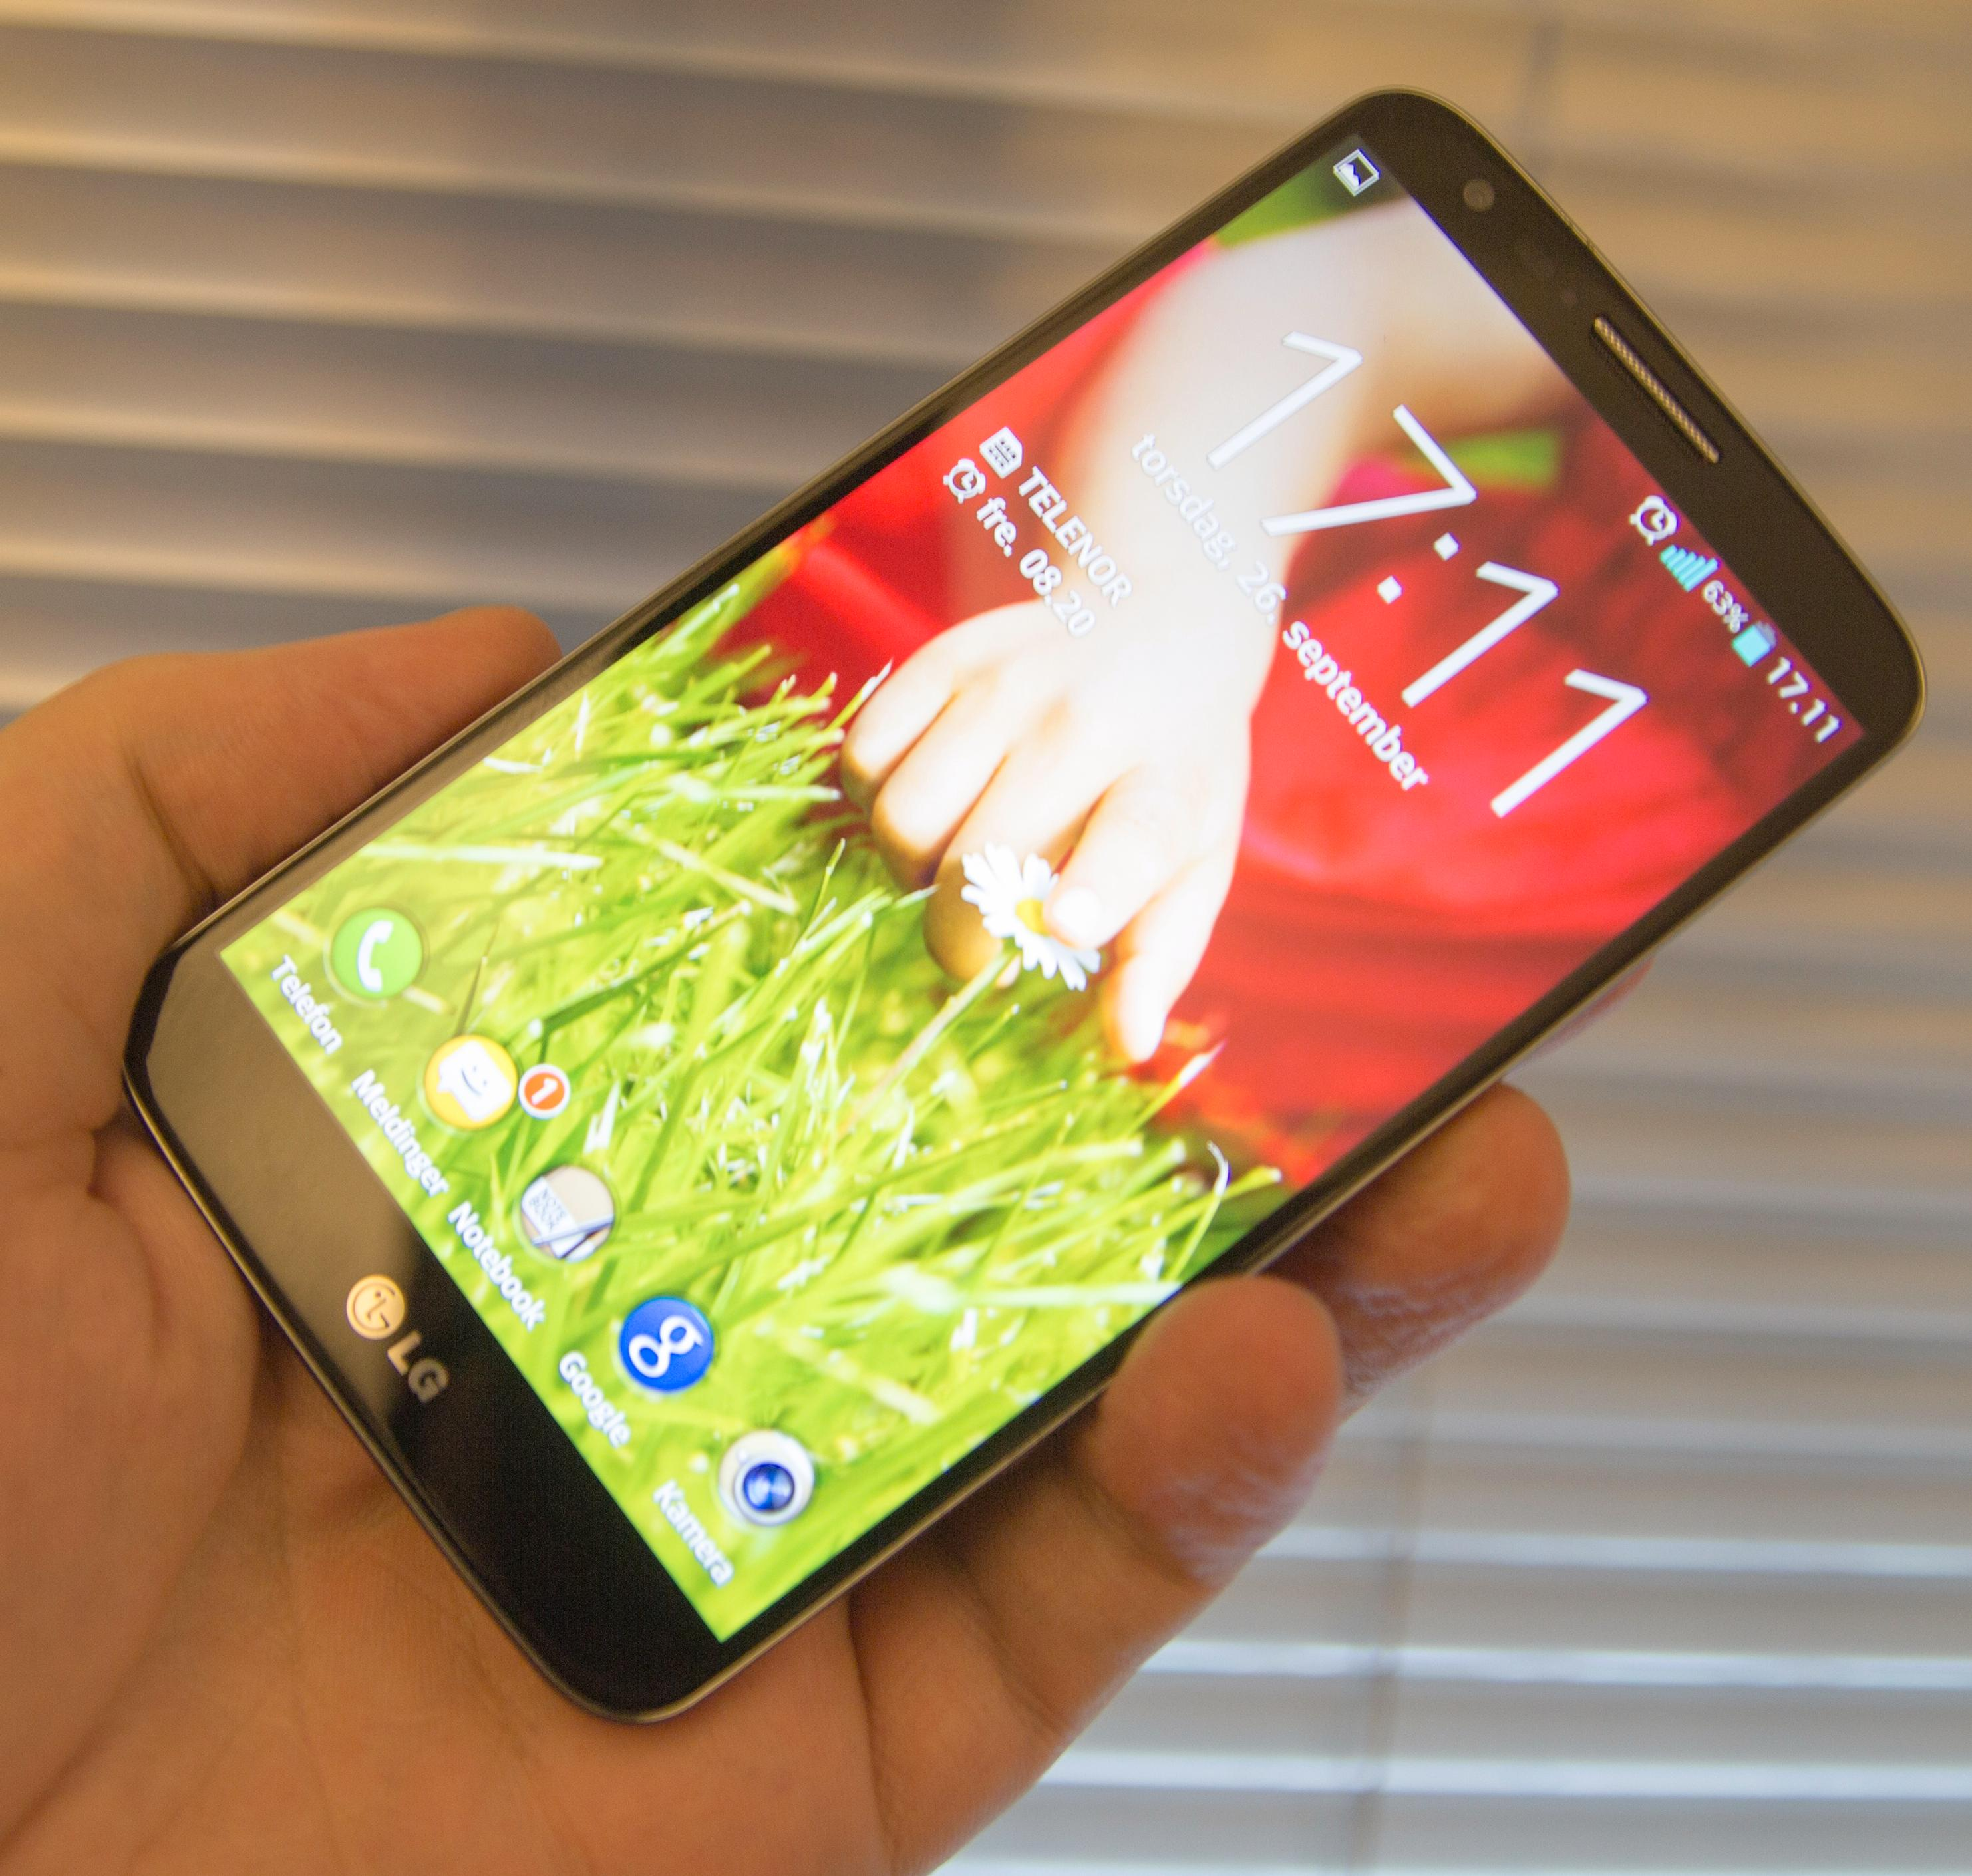 Skjermen i LG G2 er i absolutt toppklasse. Den er av den litt sjeldne typen som gir inntrykk av at bildet nesten flyter oppå glasset.Foto: Finn Jarle Kvalheim, Amobil.no